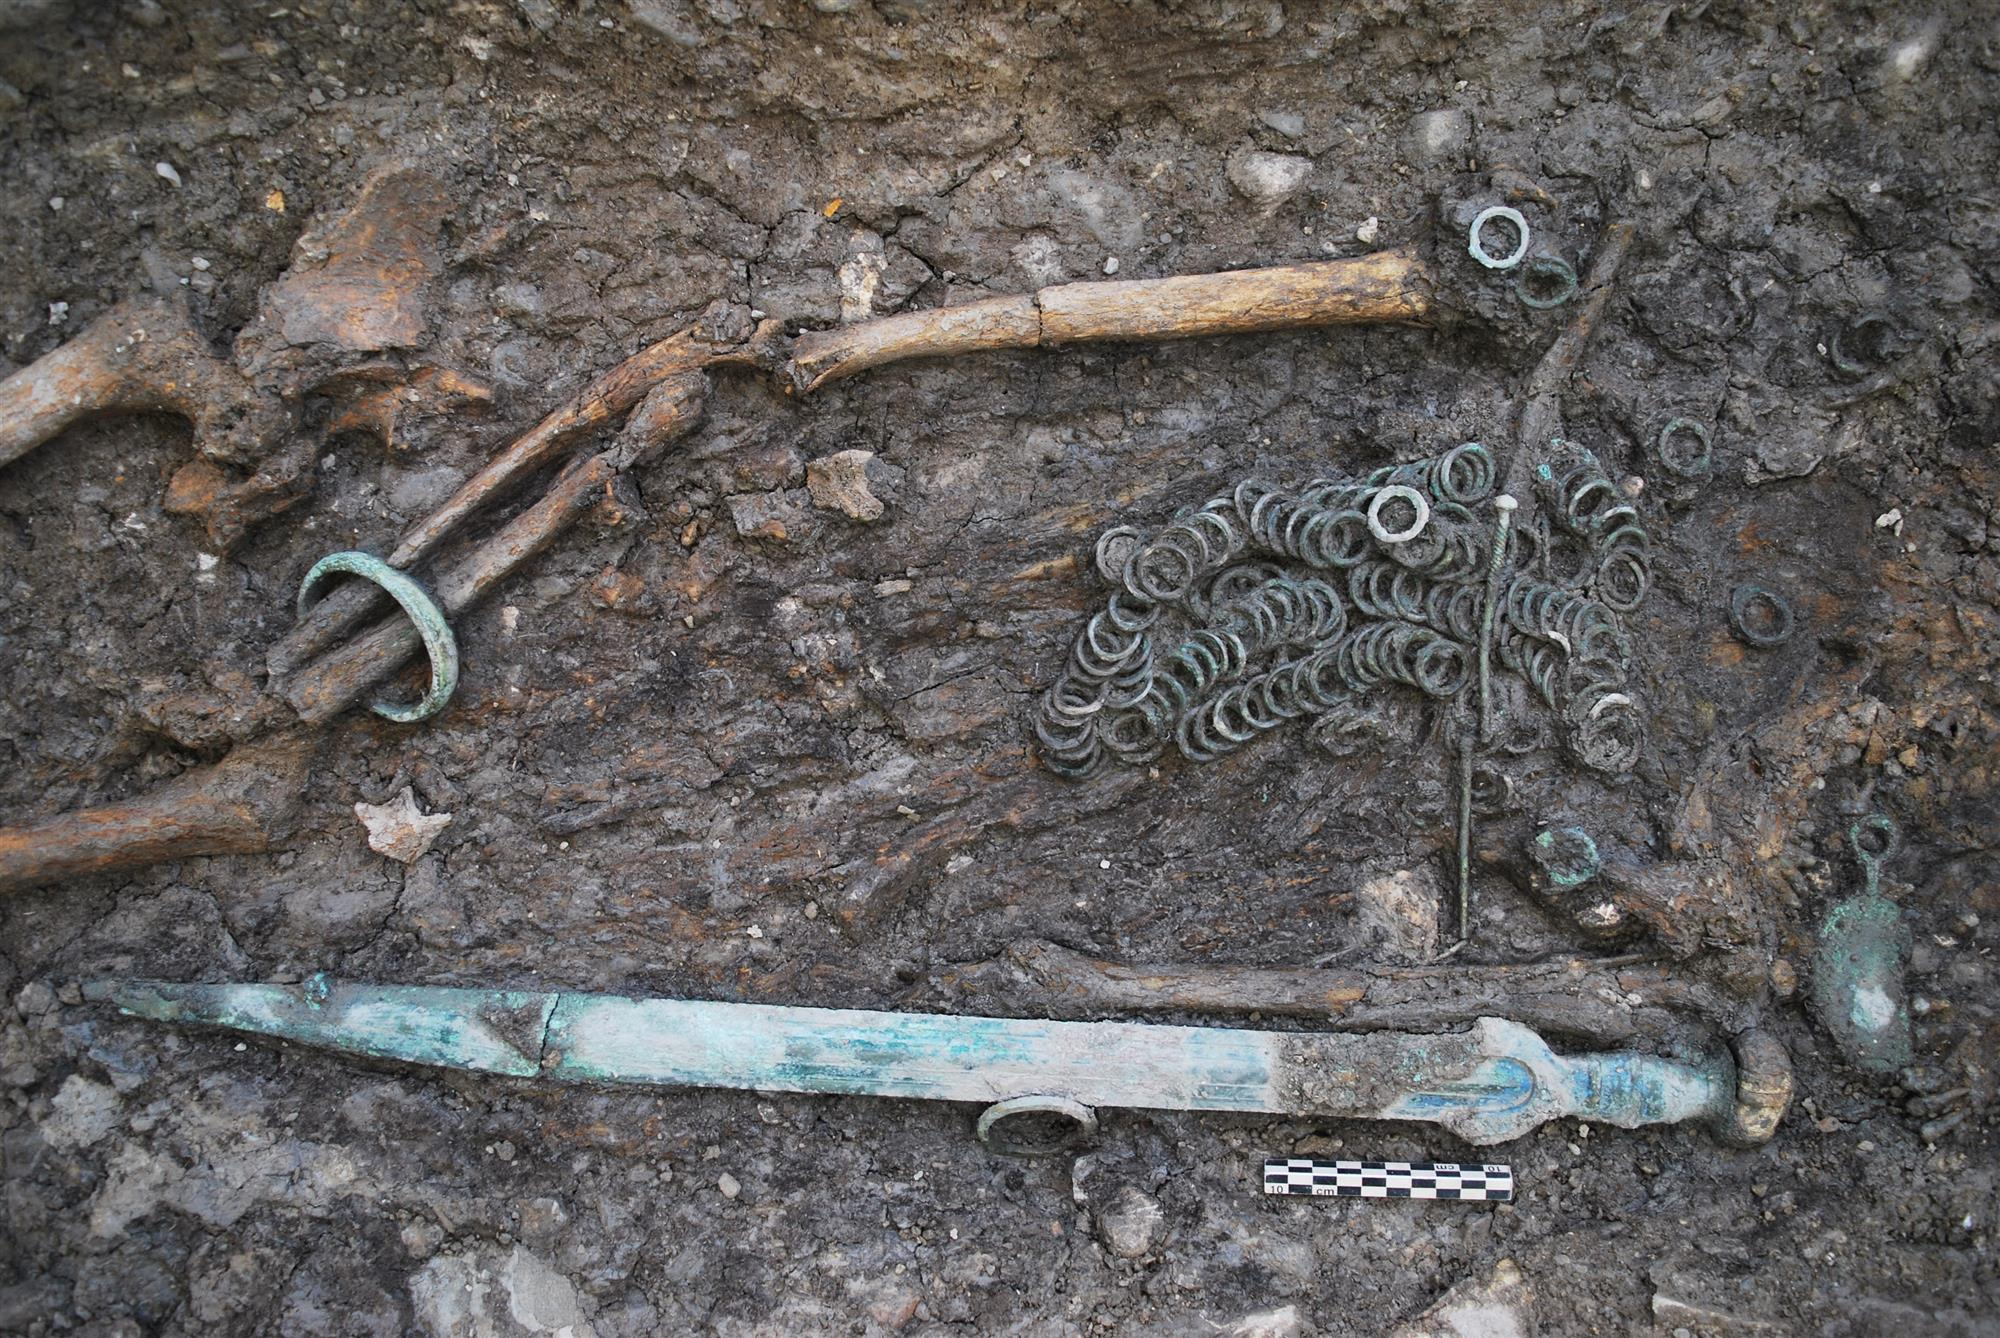 Descubierta la tumba de un guerrero en una necrópolis celta en Suiza